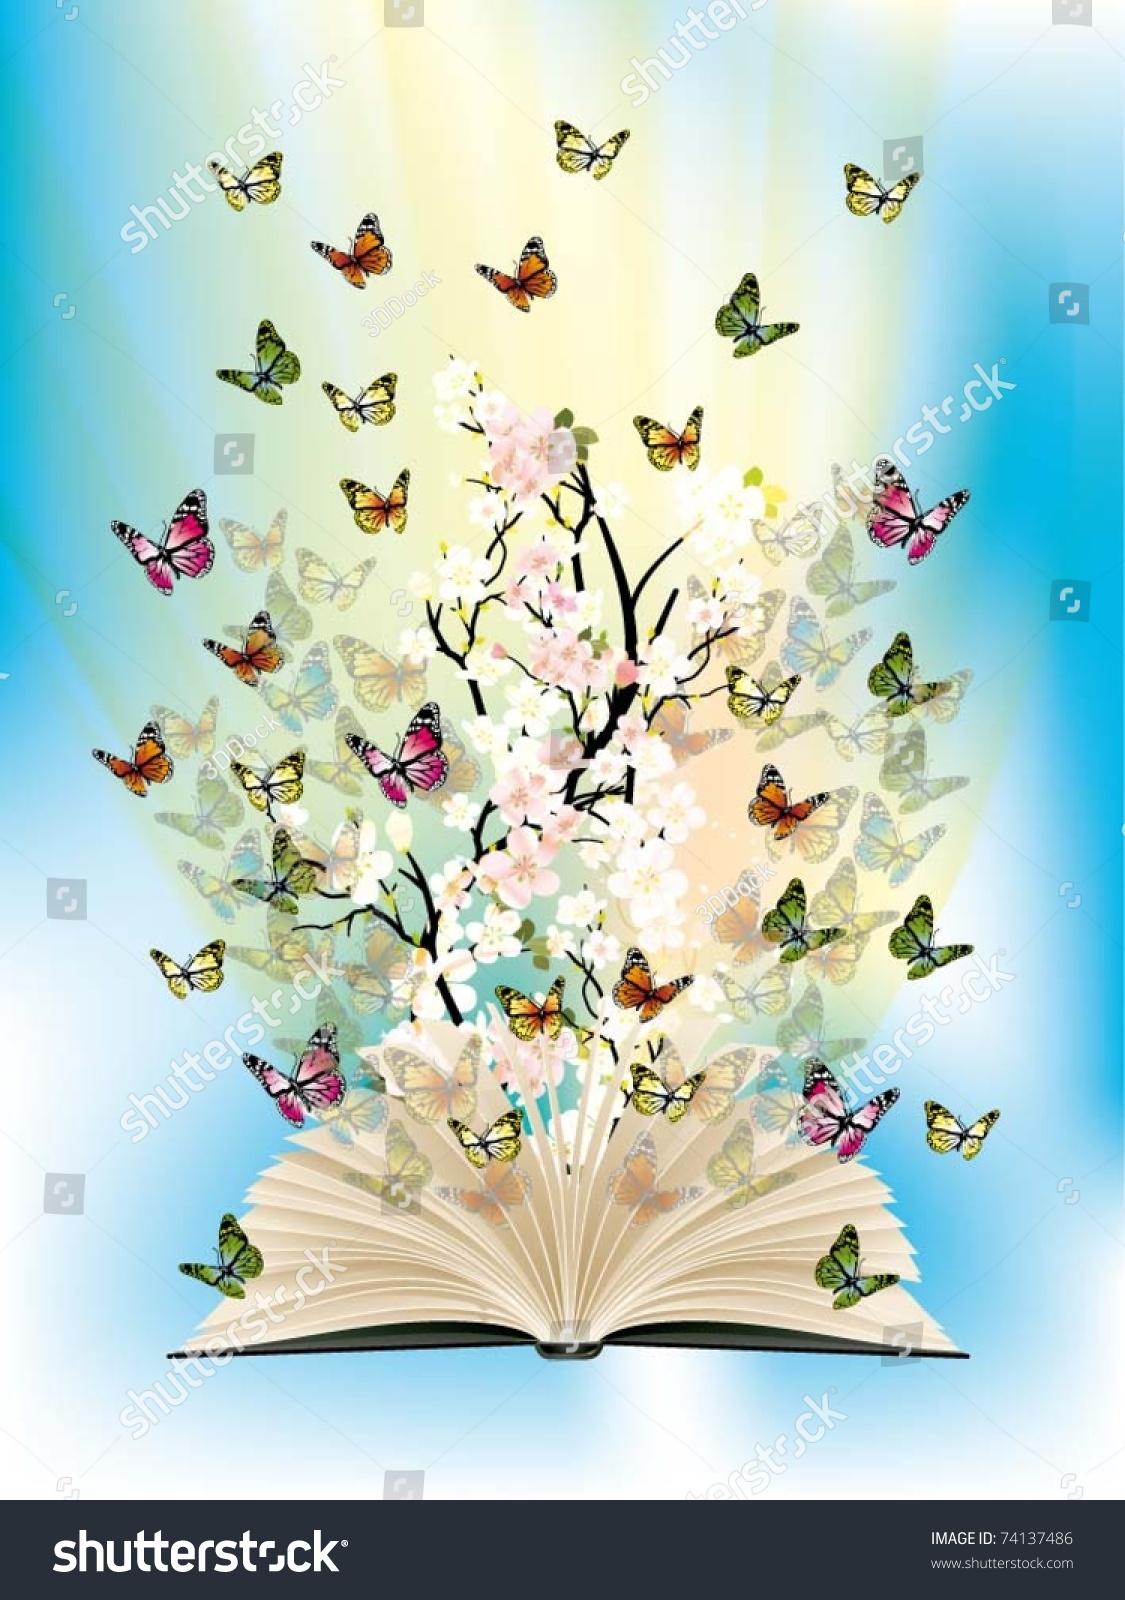 Falling Stars Grunge Wallpaper Open Book Butterflies Flying Stock Vector 74137486